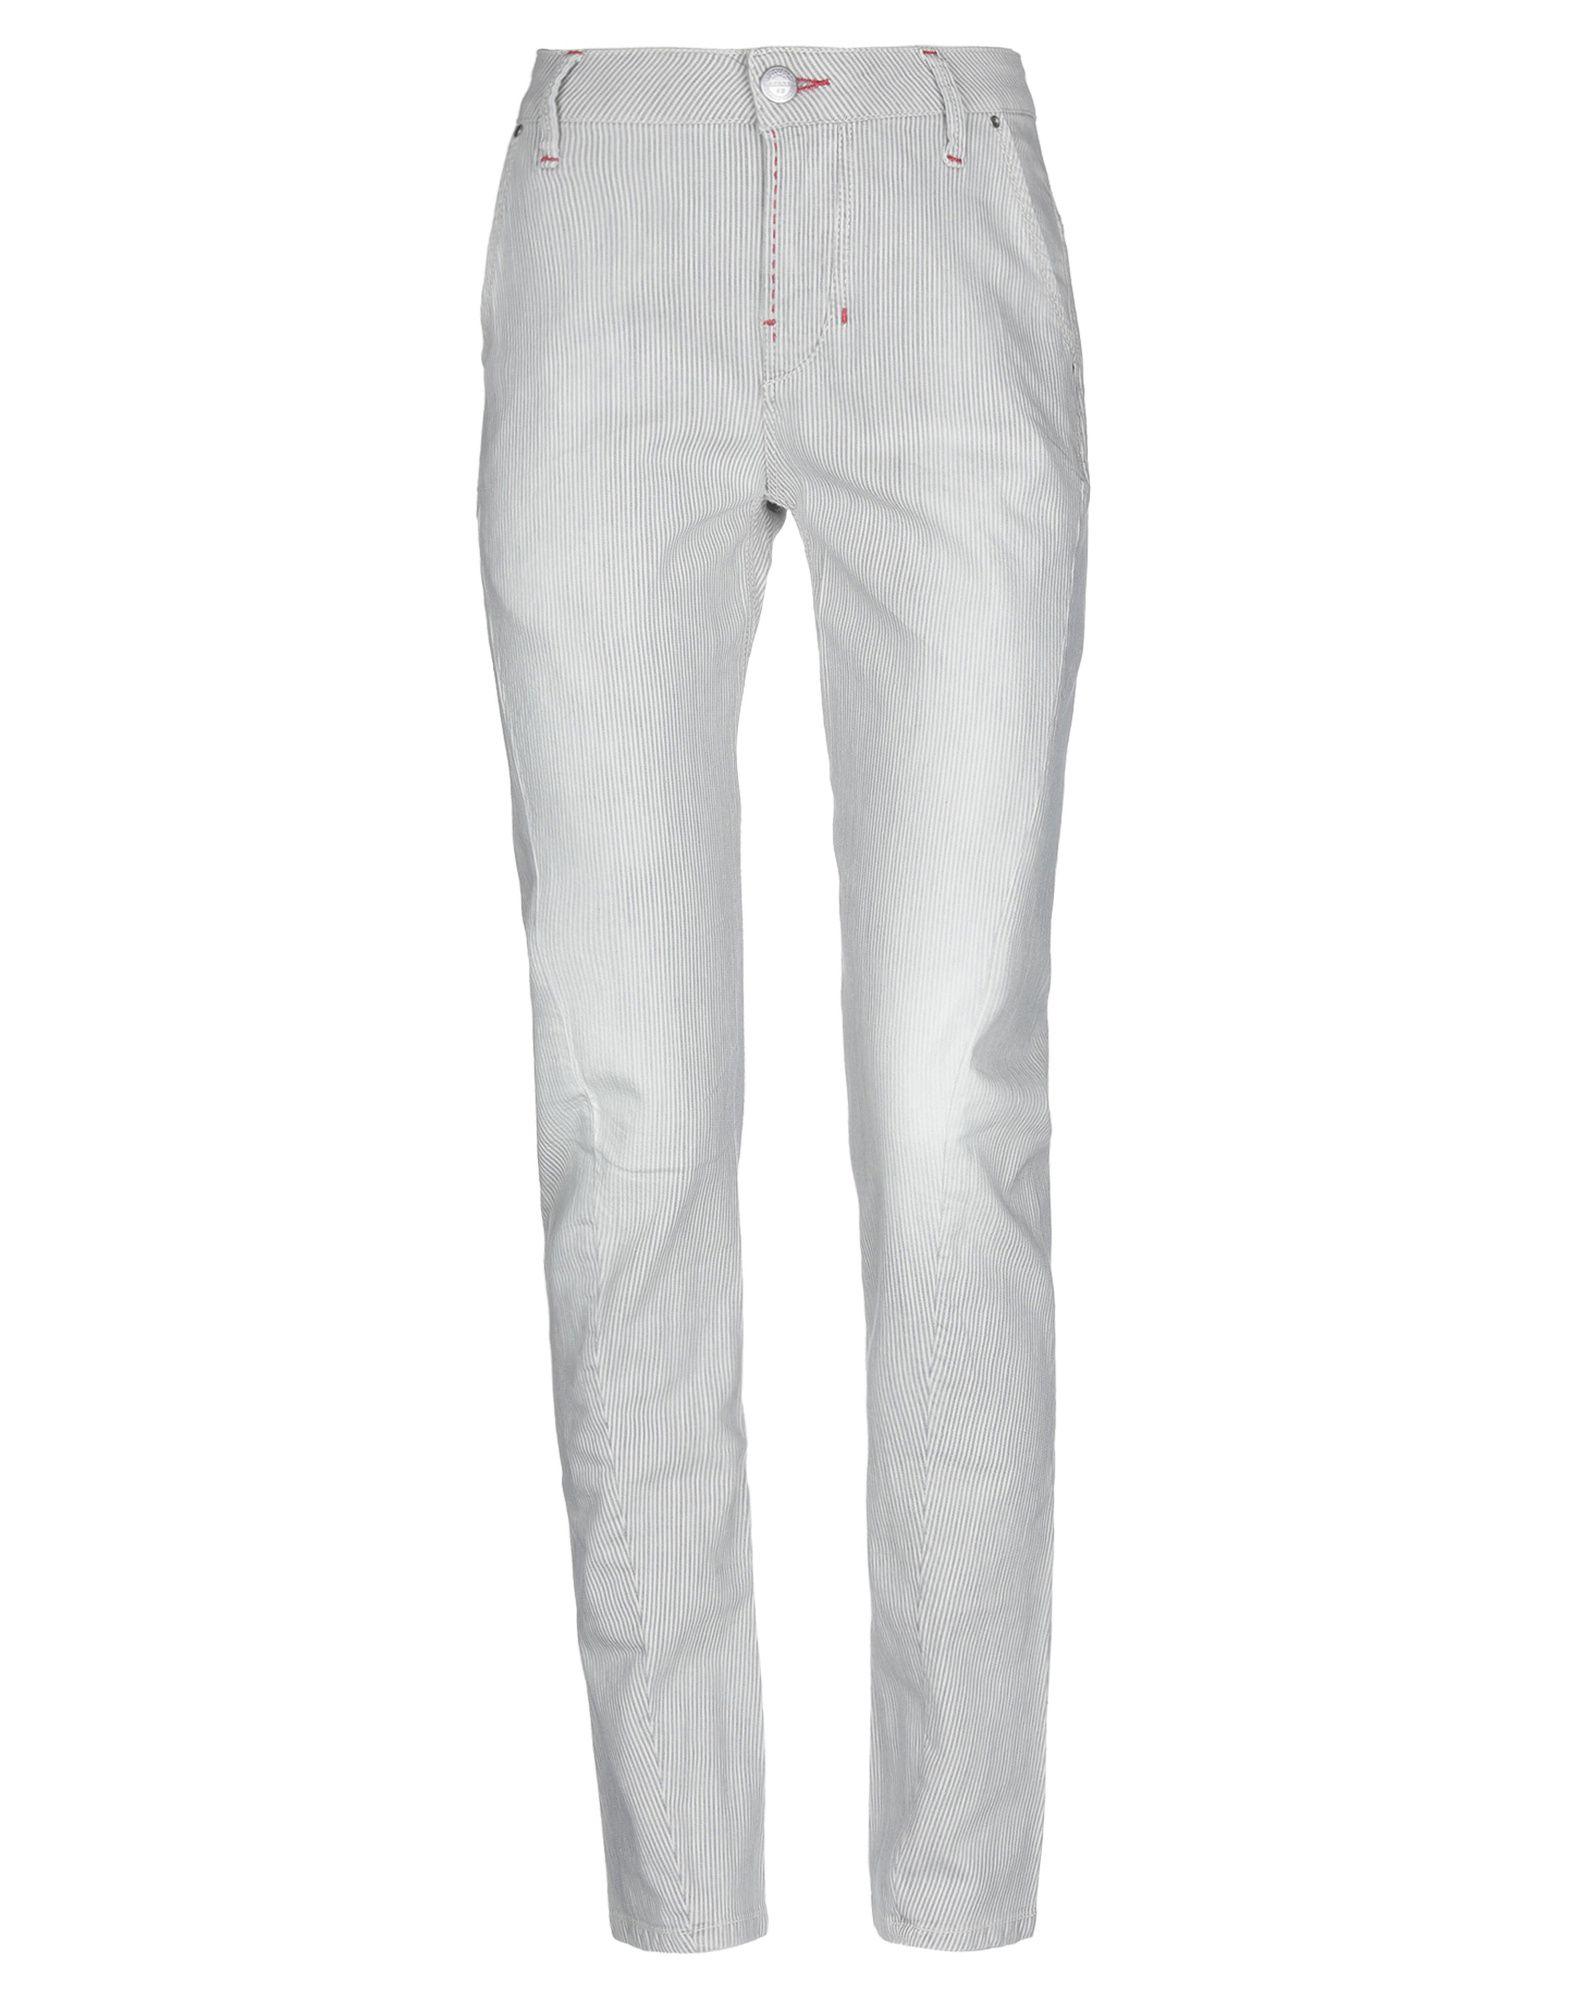 Pantaloni Jeans Staff Jeans & Co. damen - 13305926BW